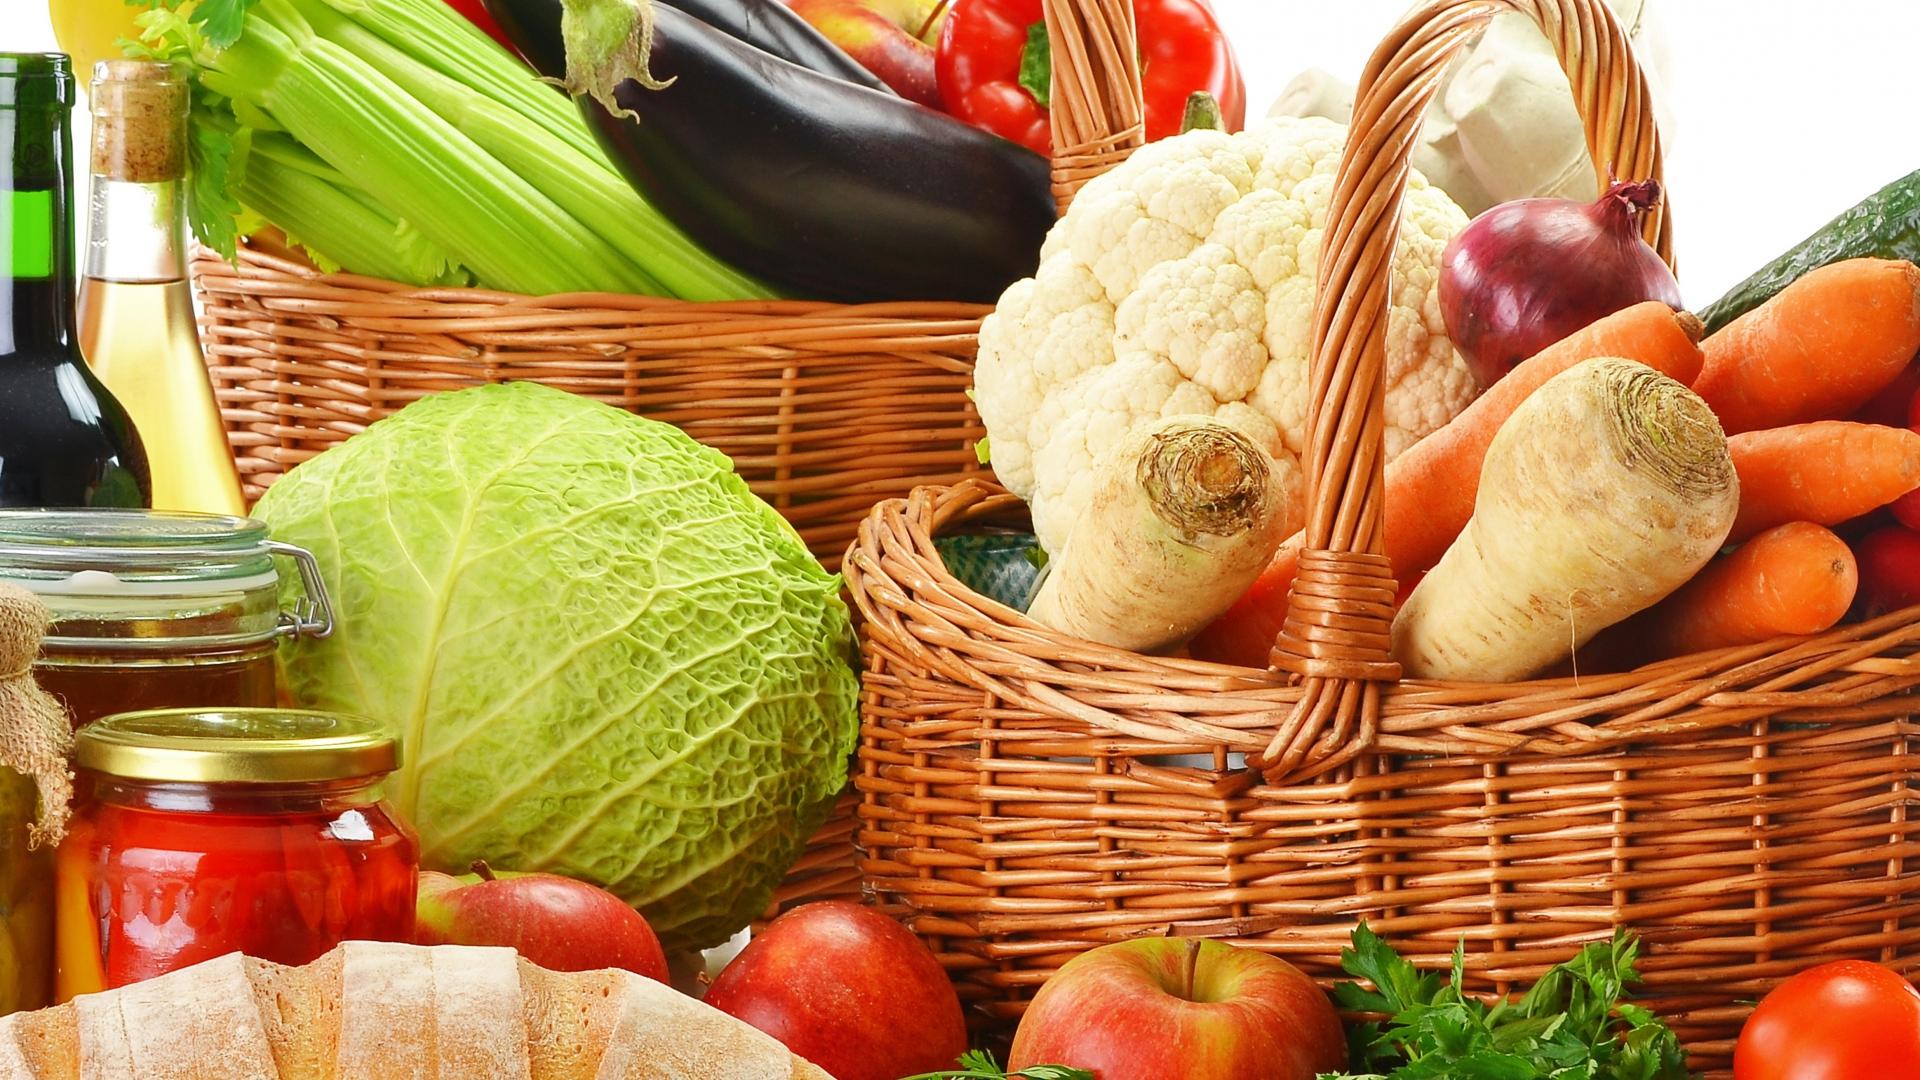 Download Wallpaper 1920x1080 Baskets, Vegetables, Fruit